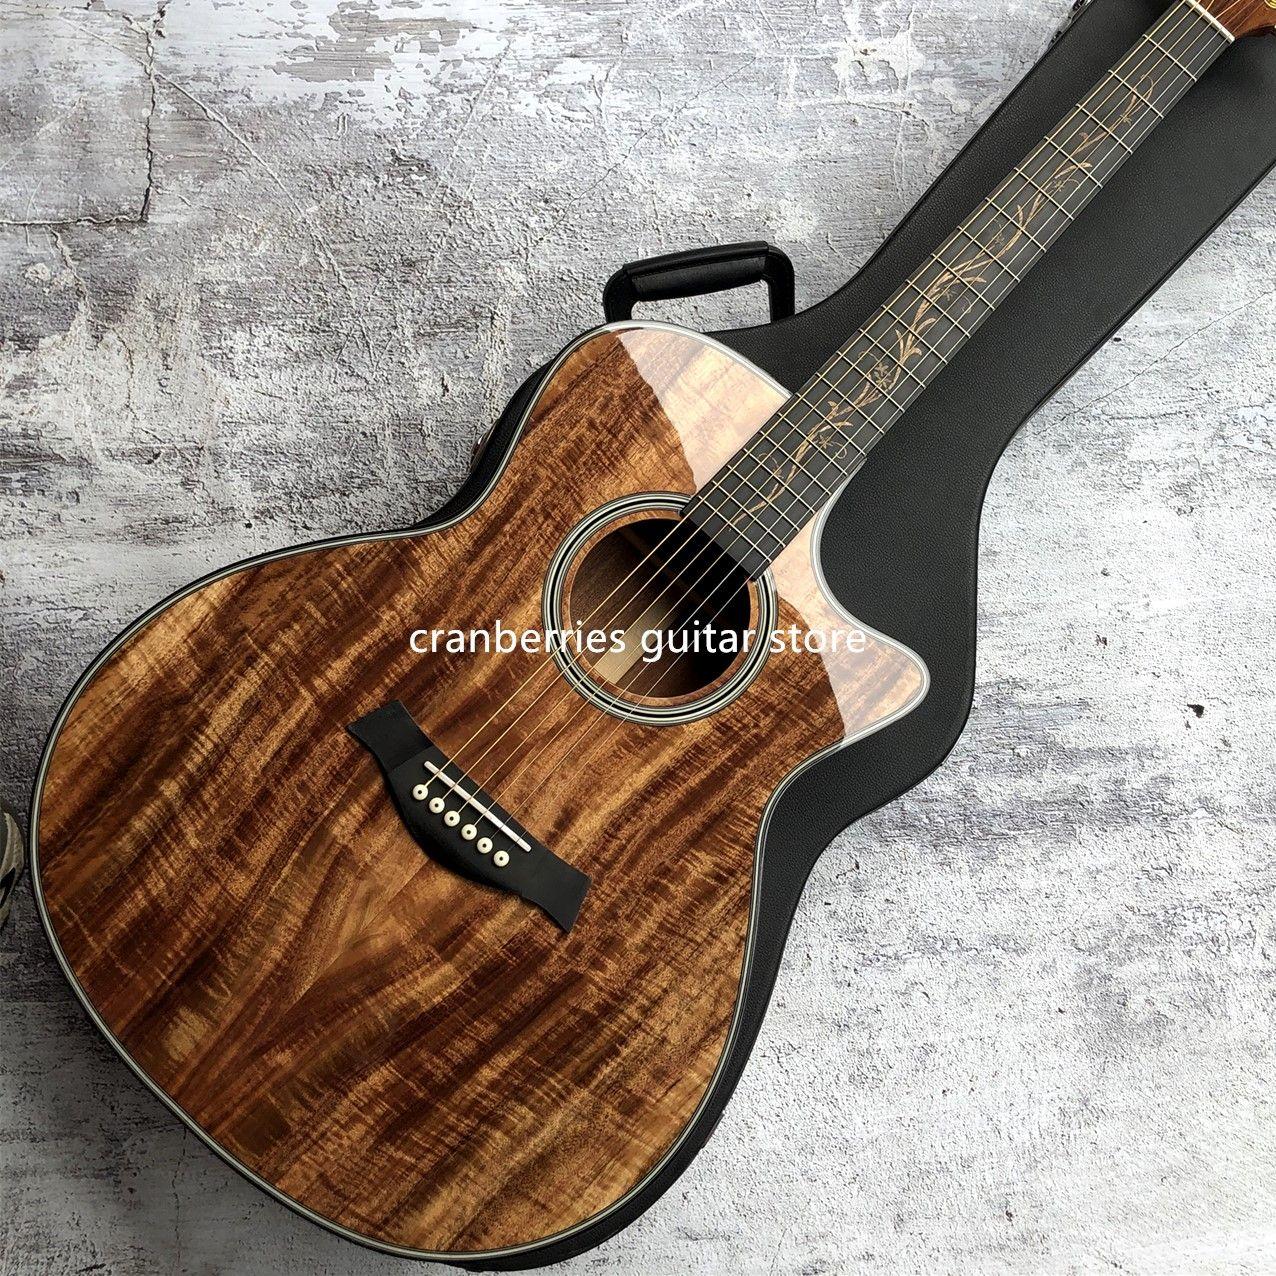 2021 최신 Chaylor K24CE 견고한 KOA 어쿠스틱 기타, 천연 나무 색상, 41 인치 K24 KOA 장면 전환 전기 기타